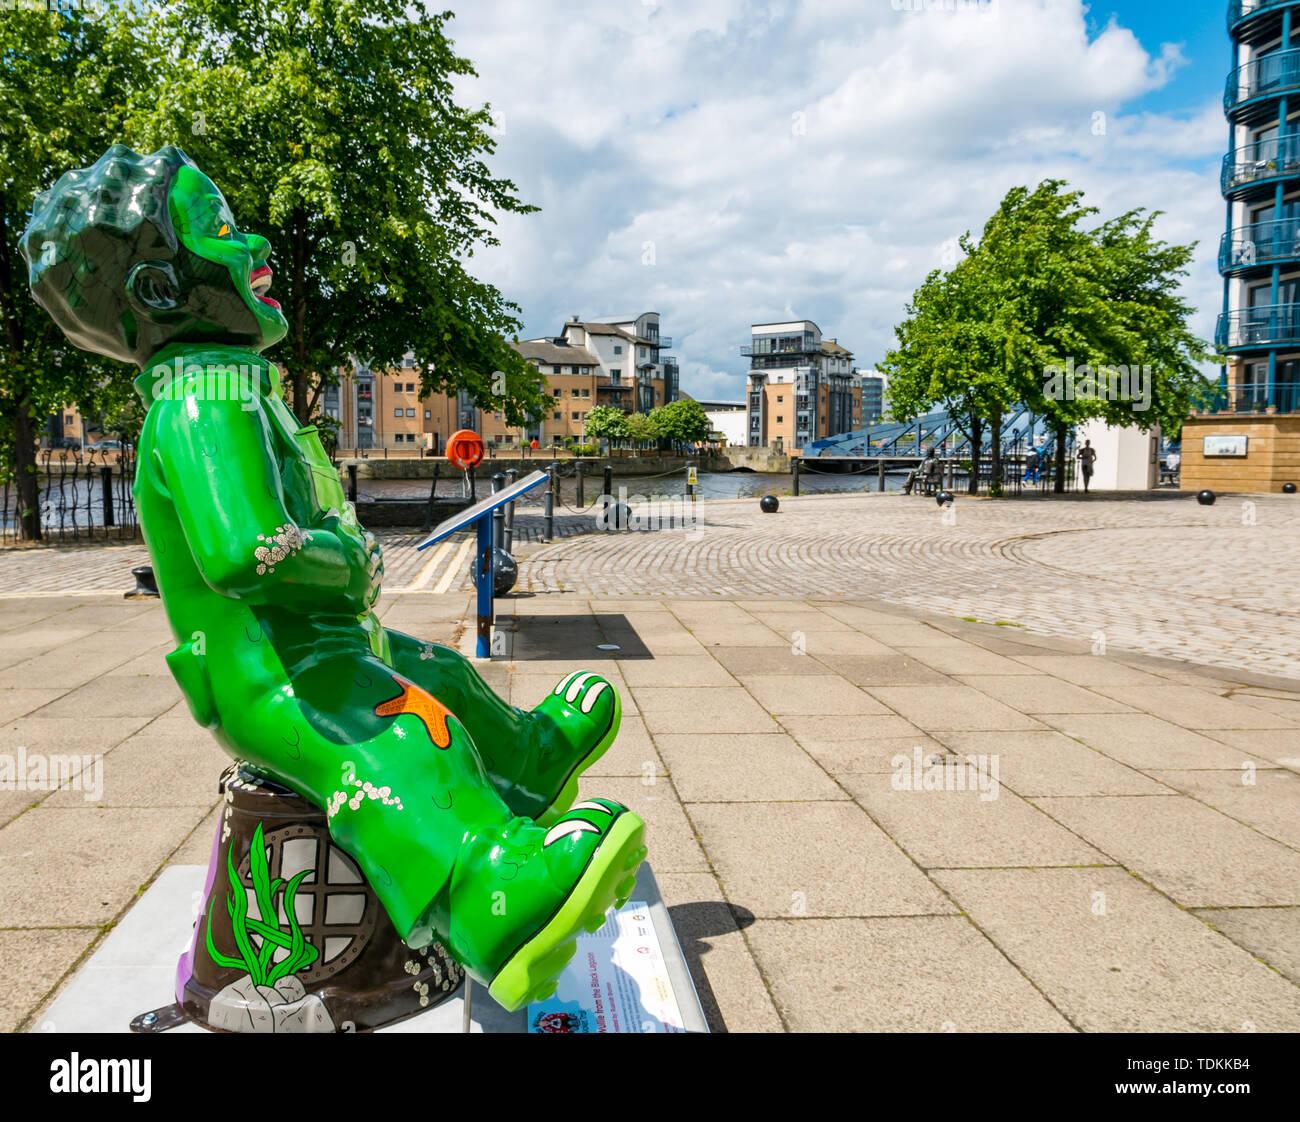 Leith, Edinburgh, Schottland, Vereinigtes Königreich, 17. Juni 2019. Der Oor Wullie grossen Wanne Trail: Eine Art Trail 200 Oor Wullie Skulpturen erscheinen in der schottischen Städte in einem Masse kunst Veranstaltung, die bis zum 30. August dauert. Oor Wullie ist eine Ikone schottischen Zeichentrickfigur aus der Sonntag Post Zeitung. Die Skulpturen wird versteigert Geld für Schottlands Kinderkrankenhaus Nächstenliebe zu heben Es gibt 5 in Leith, und 60 in Edinburgh zusammen. Wullie aus der Schwarzen Lagune von Ennis Brunton Stockbild